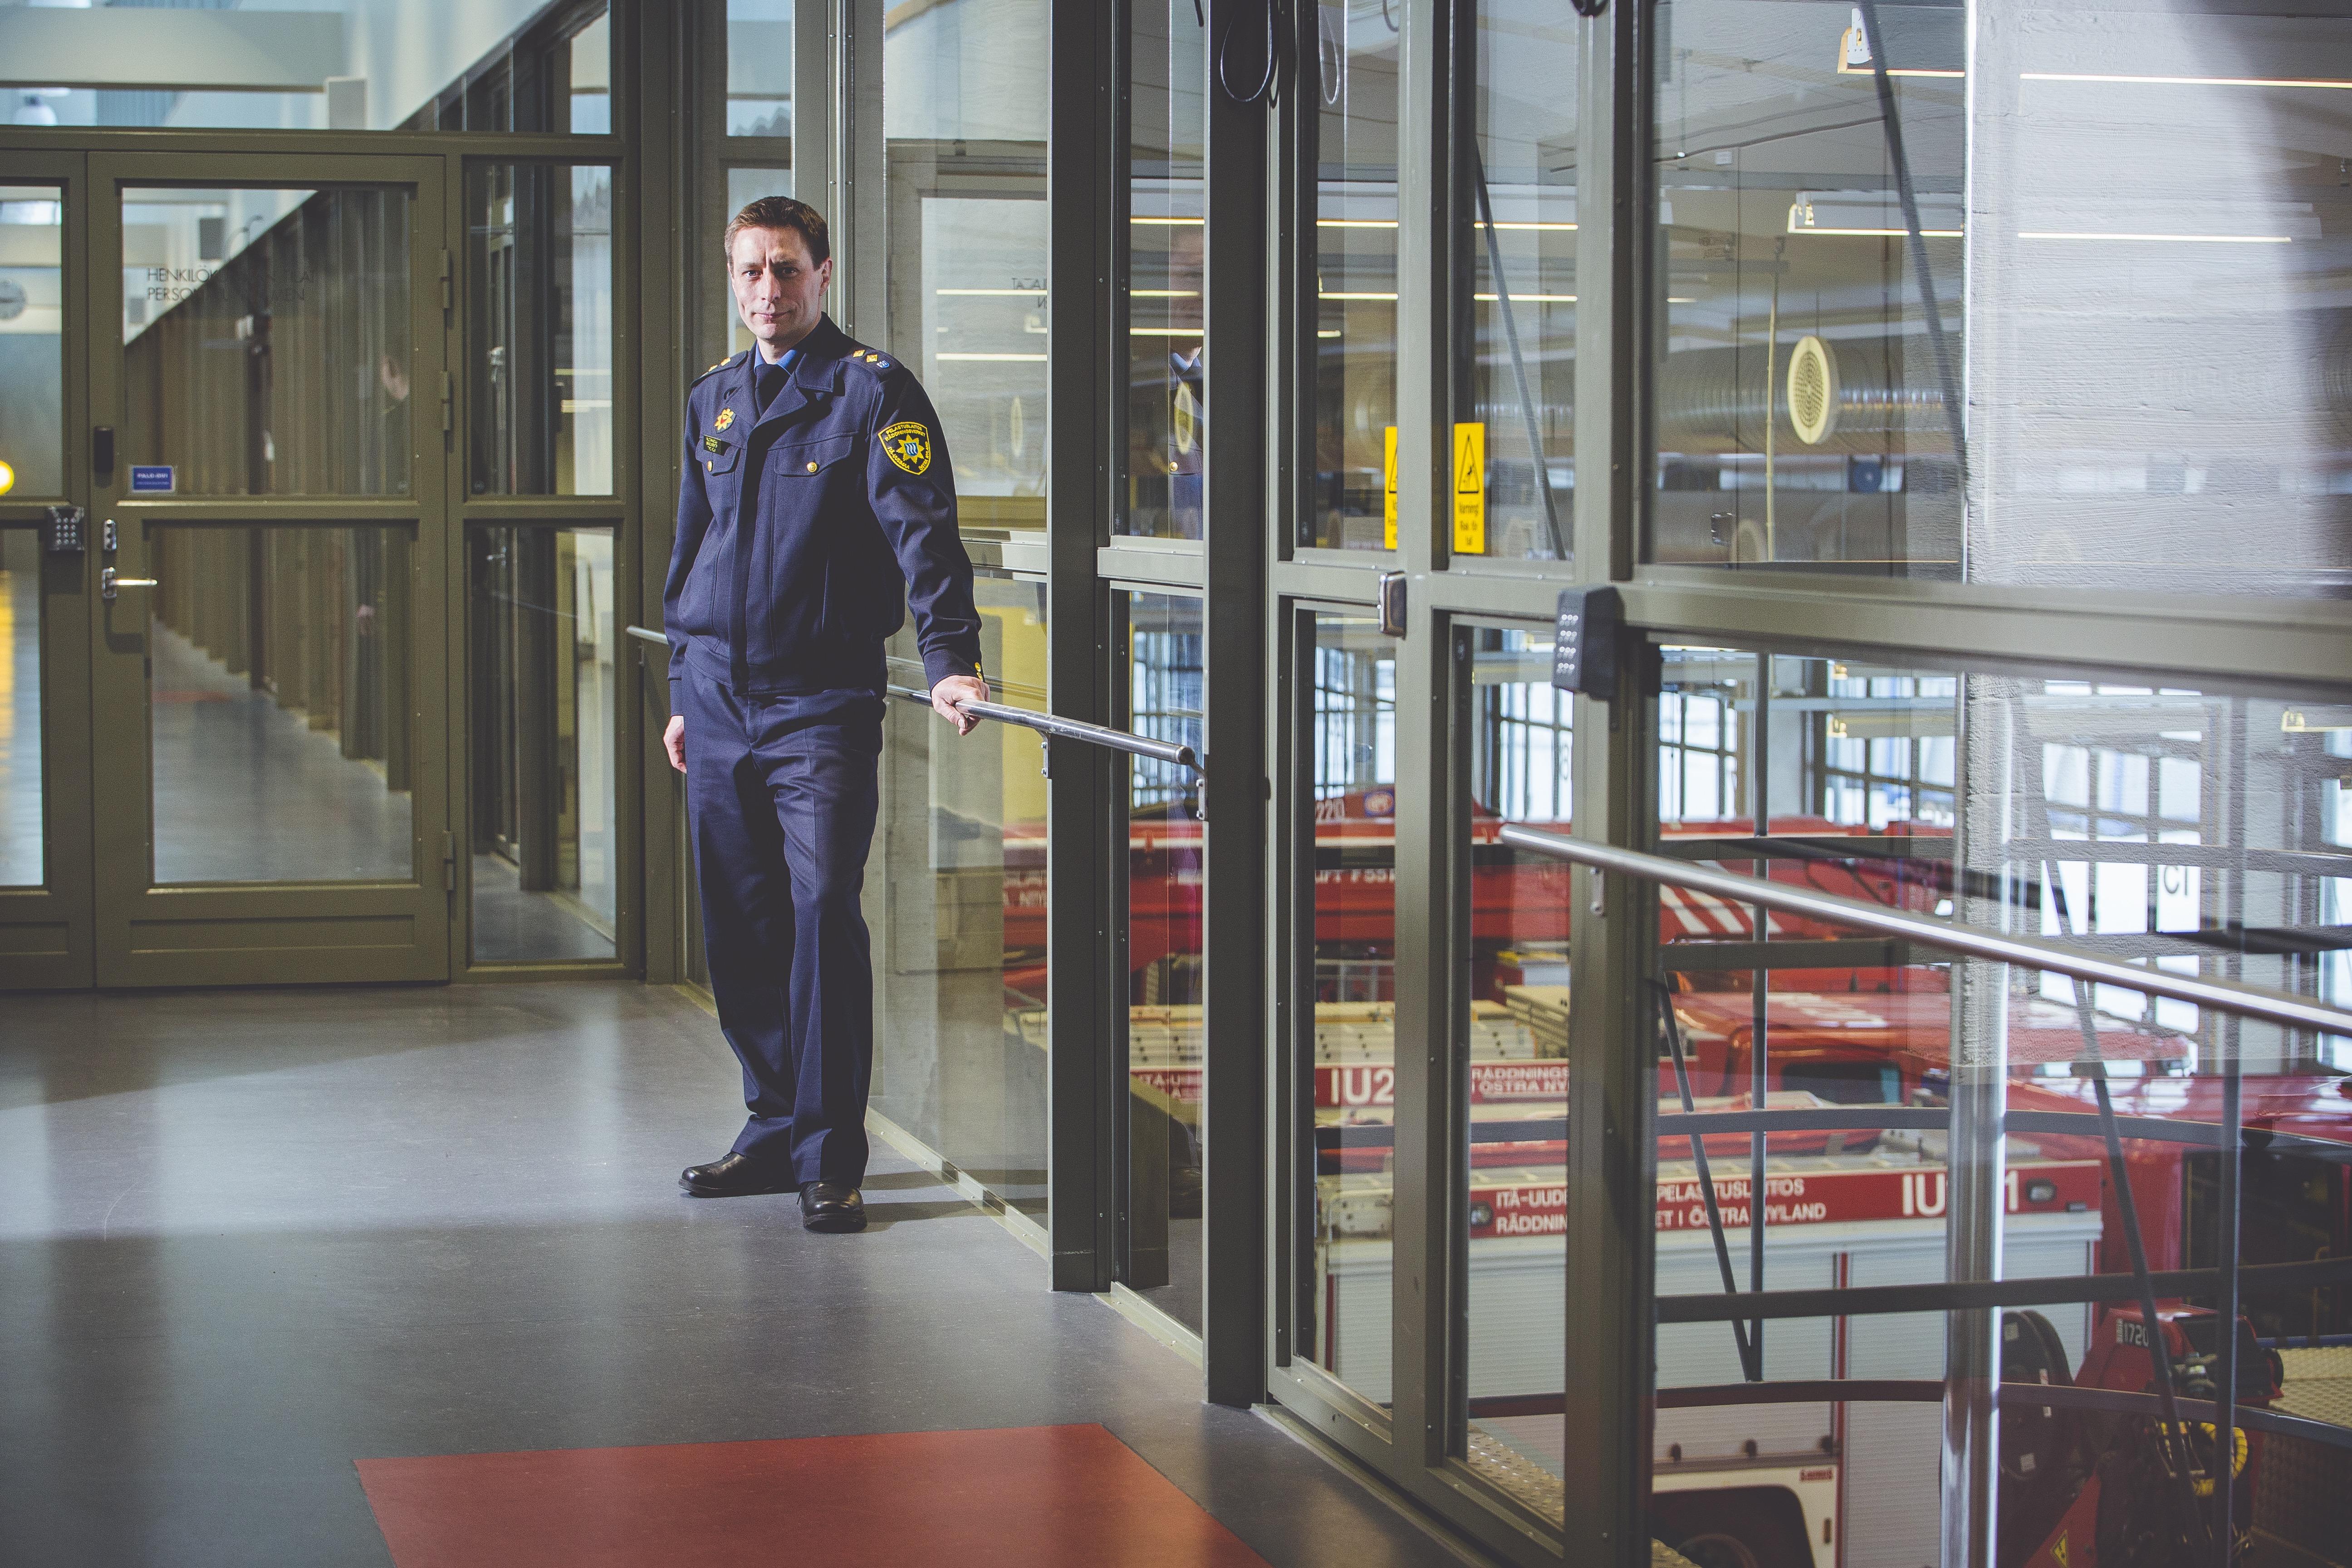 Entinen tullin rikostutkija, palotarkastaja Timo Kouki ajaa Itä-Uudenmaan pelastuslaitokselle aikaisempaa taktisempaa palontutkintaa.